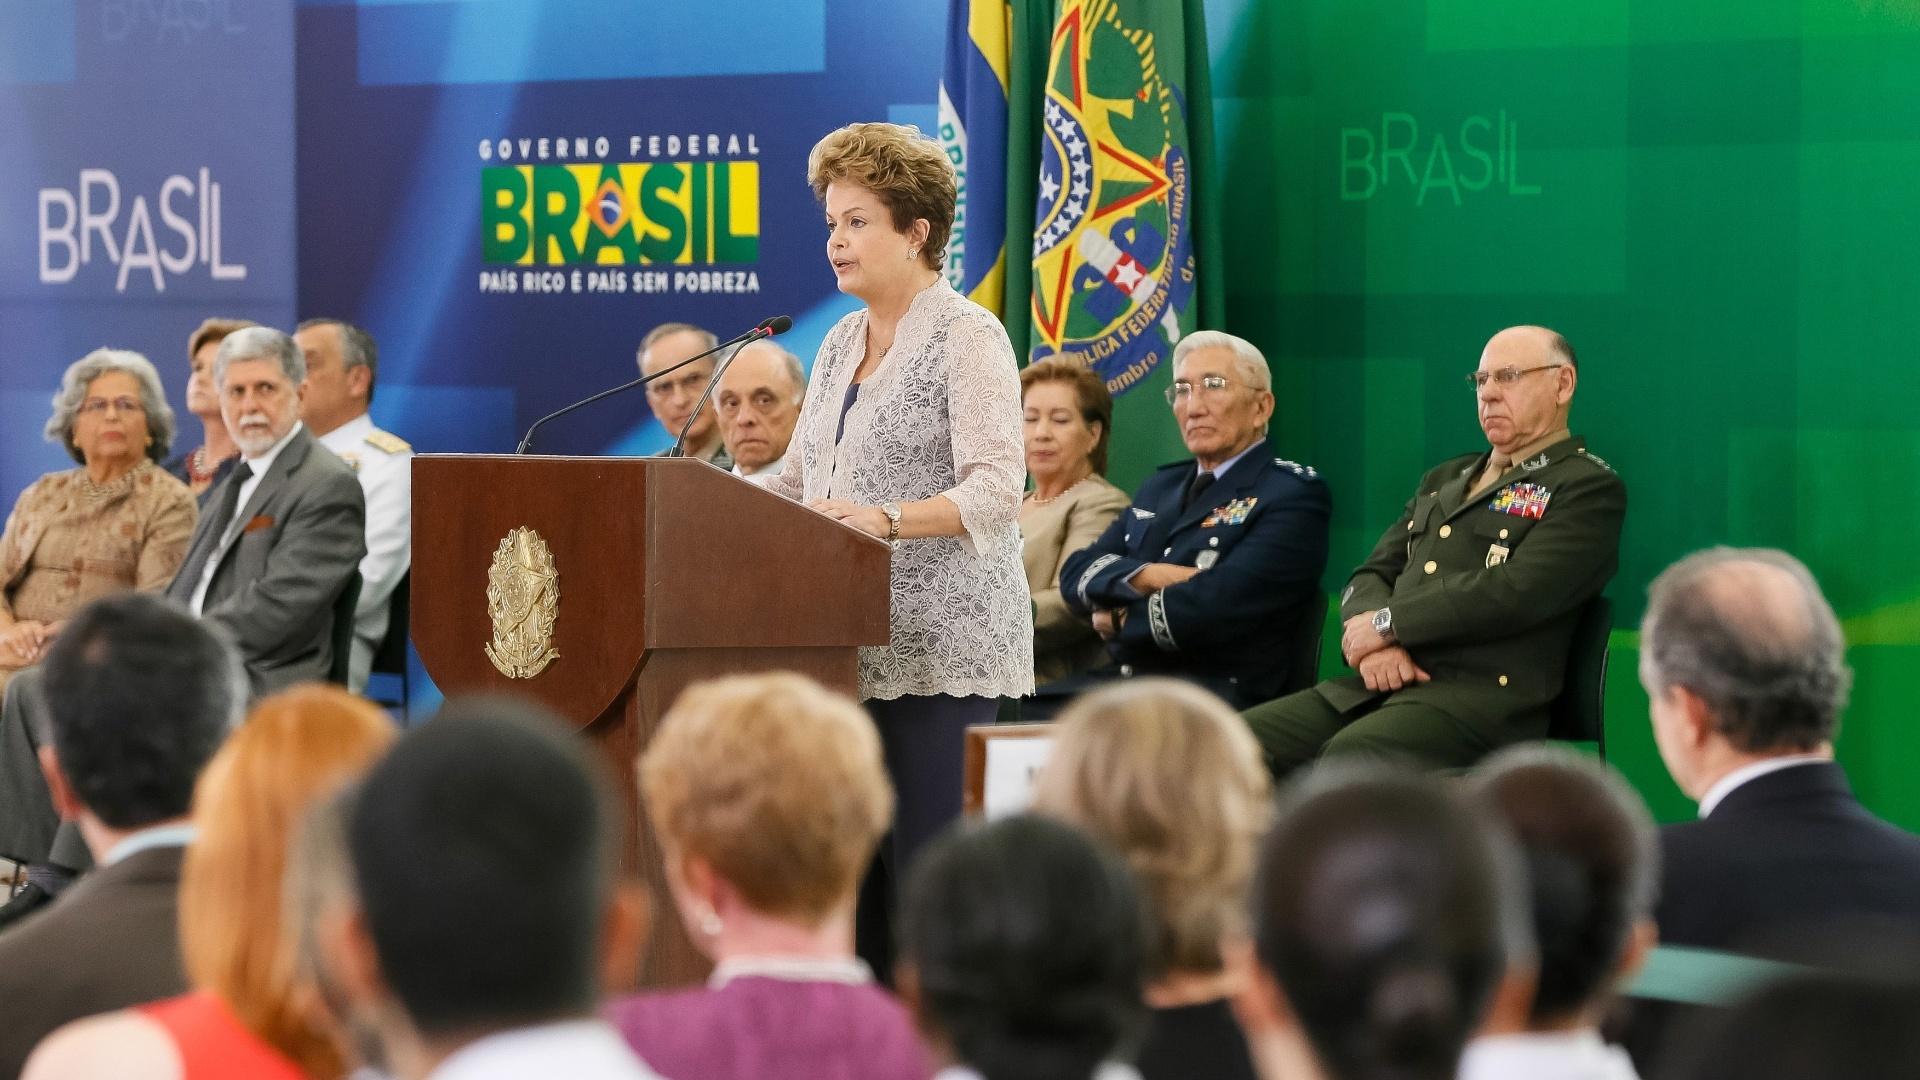 16.dez.2014 - A presidente Dilma Rousseff participou nesta terça-feira (16) da cerimônia de promoção de militares do Exército, da Marinha e da Aeronáutica no Palácio do Planalto, em Brasília. O evento acontece seis dias após a entrega do relatório da Comissão Nacional da Verdade que expôs os abusos cometidos por militares durante o período da ditadura (1964 -1985)